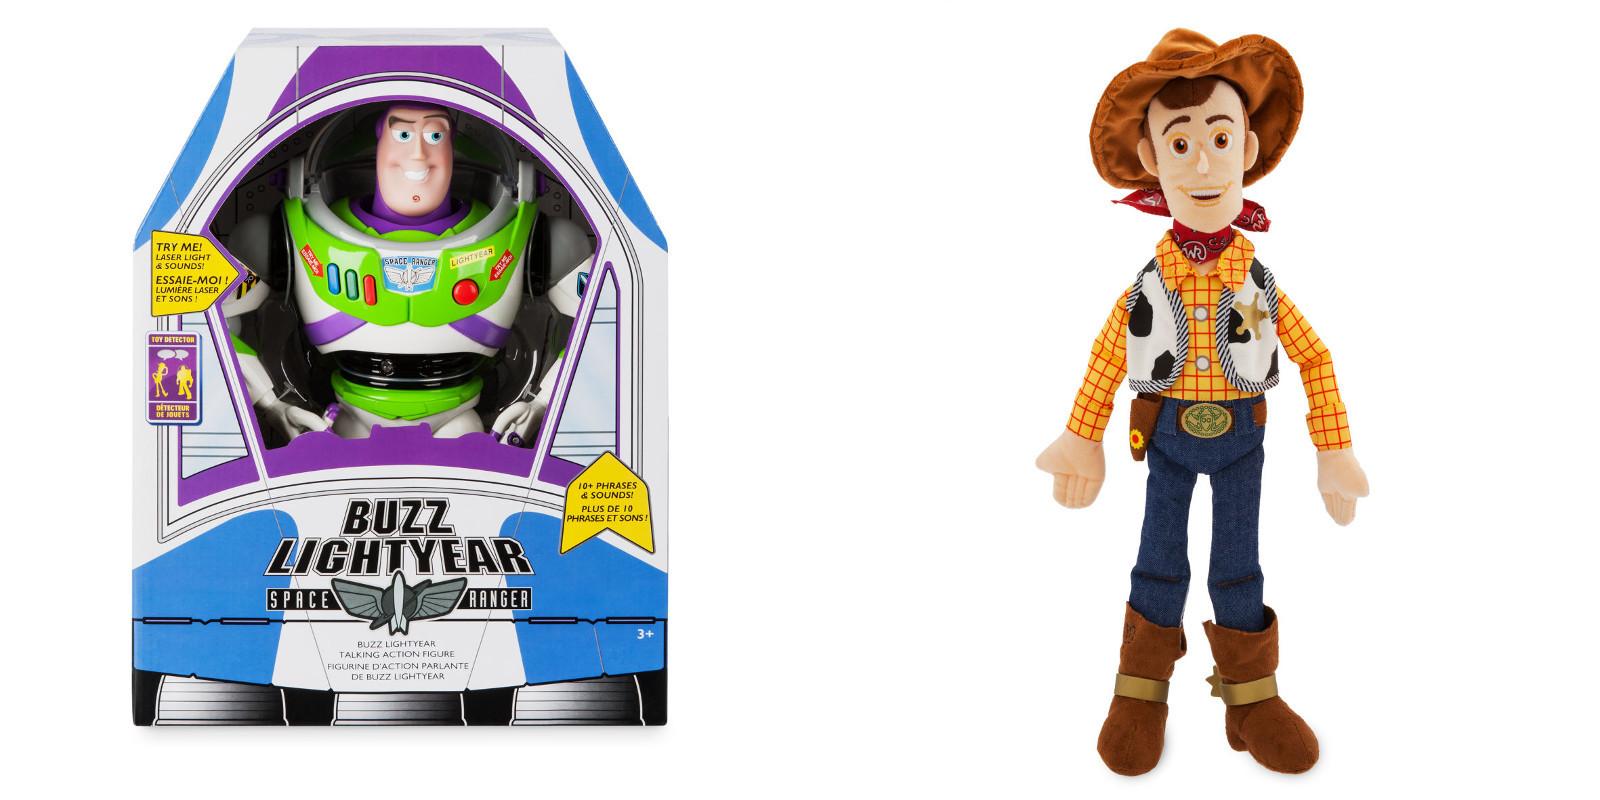 Toy Story 4 giocattoli, la collezione Disney Store dedicata al